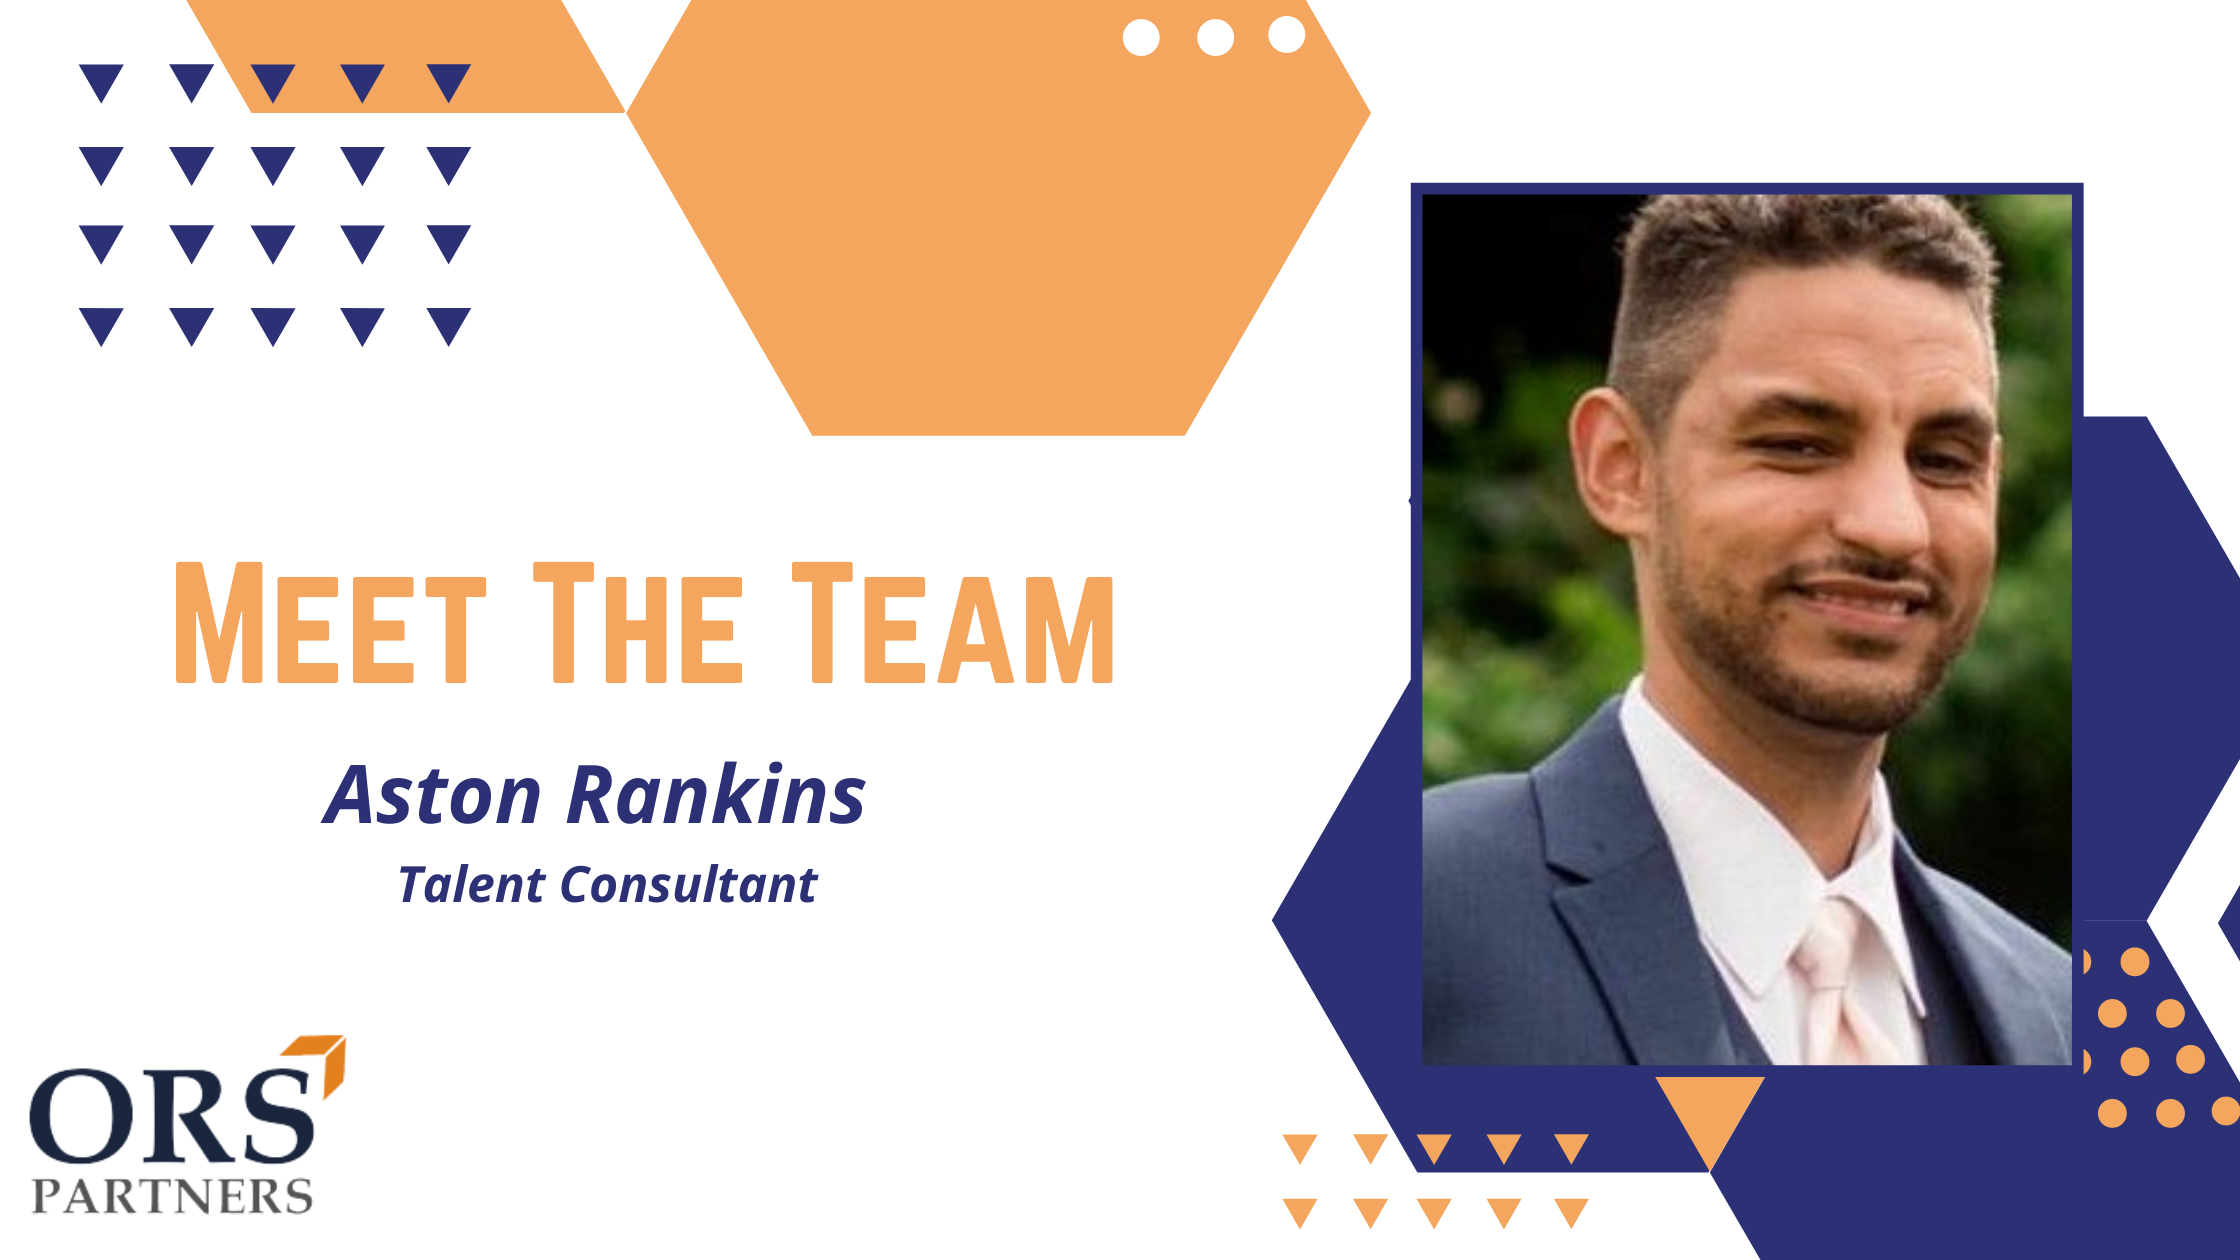 Meet the Team: Aston Rankins